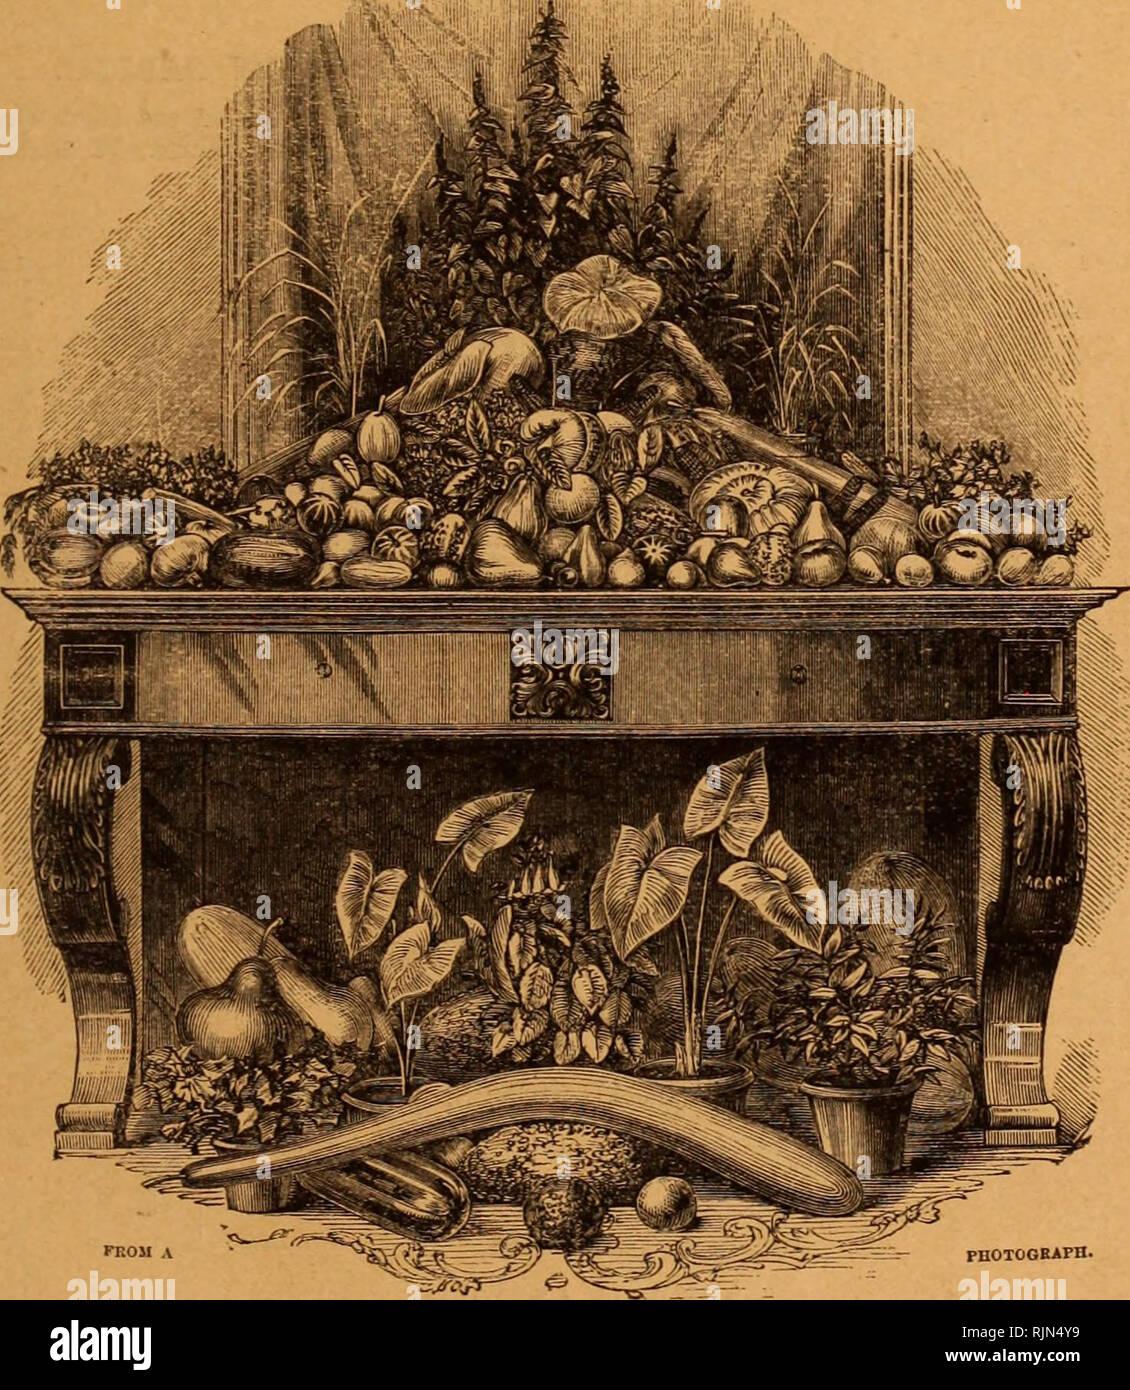 . Barr &Amp; Sugden de primavera del catálogo de semillas y guía de la flor y huerta / Barr &Amp; Sugden. Catálogo de vivero. FIEST EDITION quince mil. BARR &Amp; SUGDEN, Guía para el jardín de flores, &ruoTOOEArn c... &Amp; STJGDEN BARR, comerciantes de semillas y floristas, 12 King Street, Covent Garden, Londres, W.C. (Enfrente del Garrick Club). Precio de la mitad-A-Corona. Actuaciones inmediatas en Cancillería será taien contra todas las infracciones de los derechos de autor de esta obra, el derecho de traducción, reservado. Por favor tenga en cuenta que estas imágenes son extraídas de la página escaneada imágenes que pueden haber sido dig Foto de stock